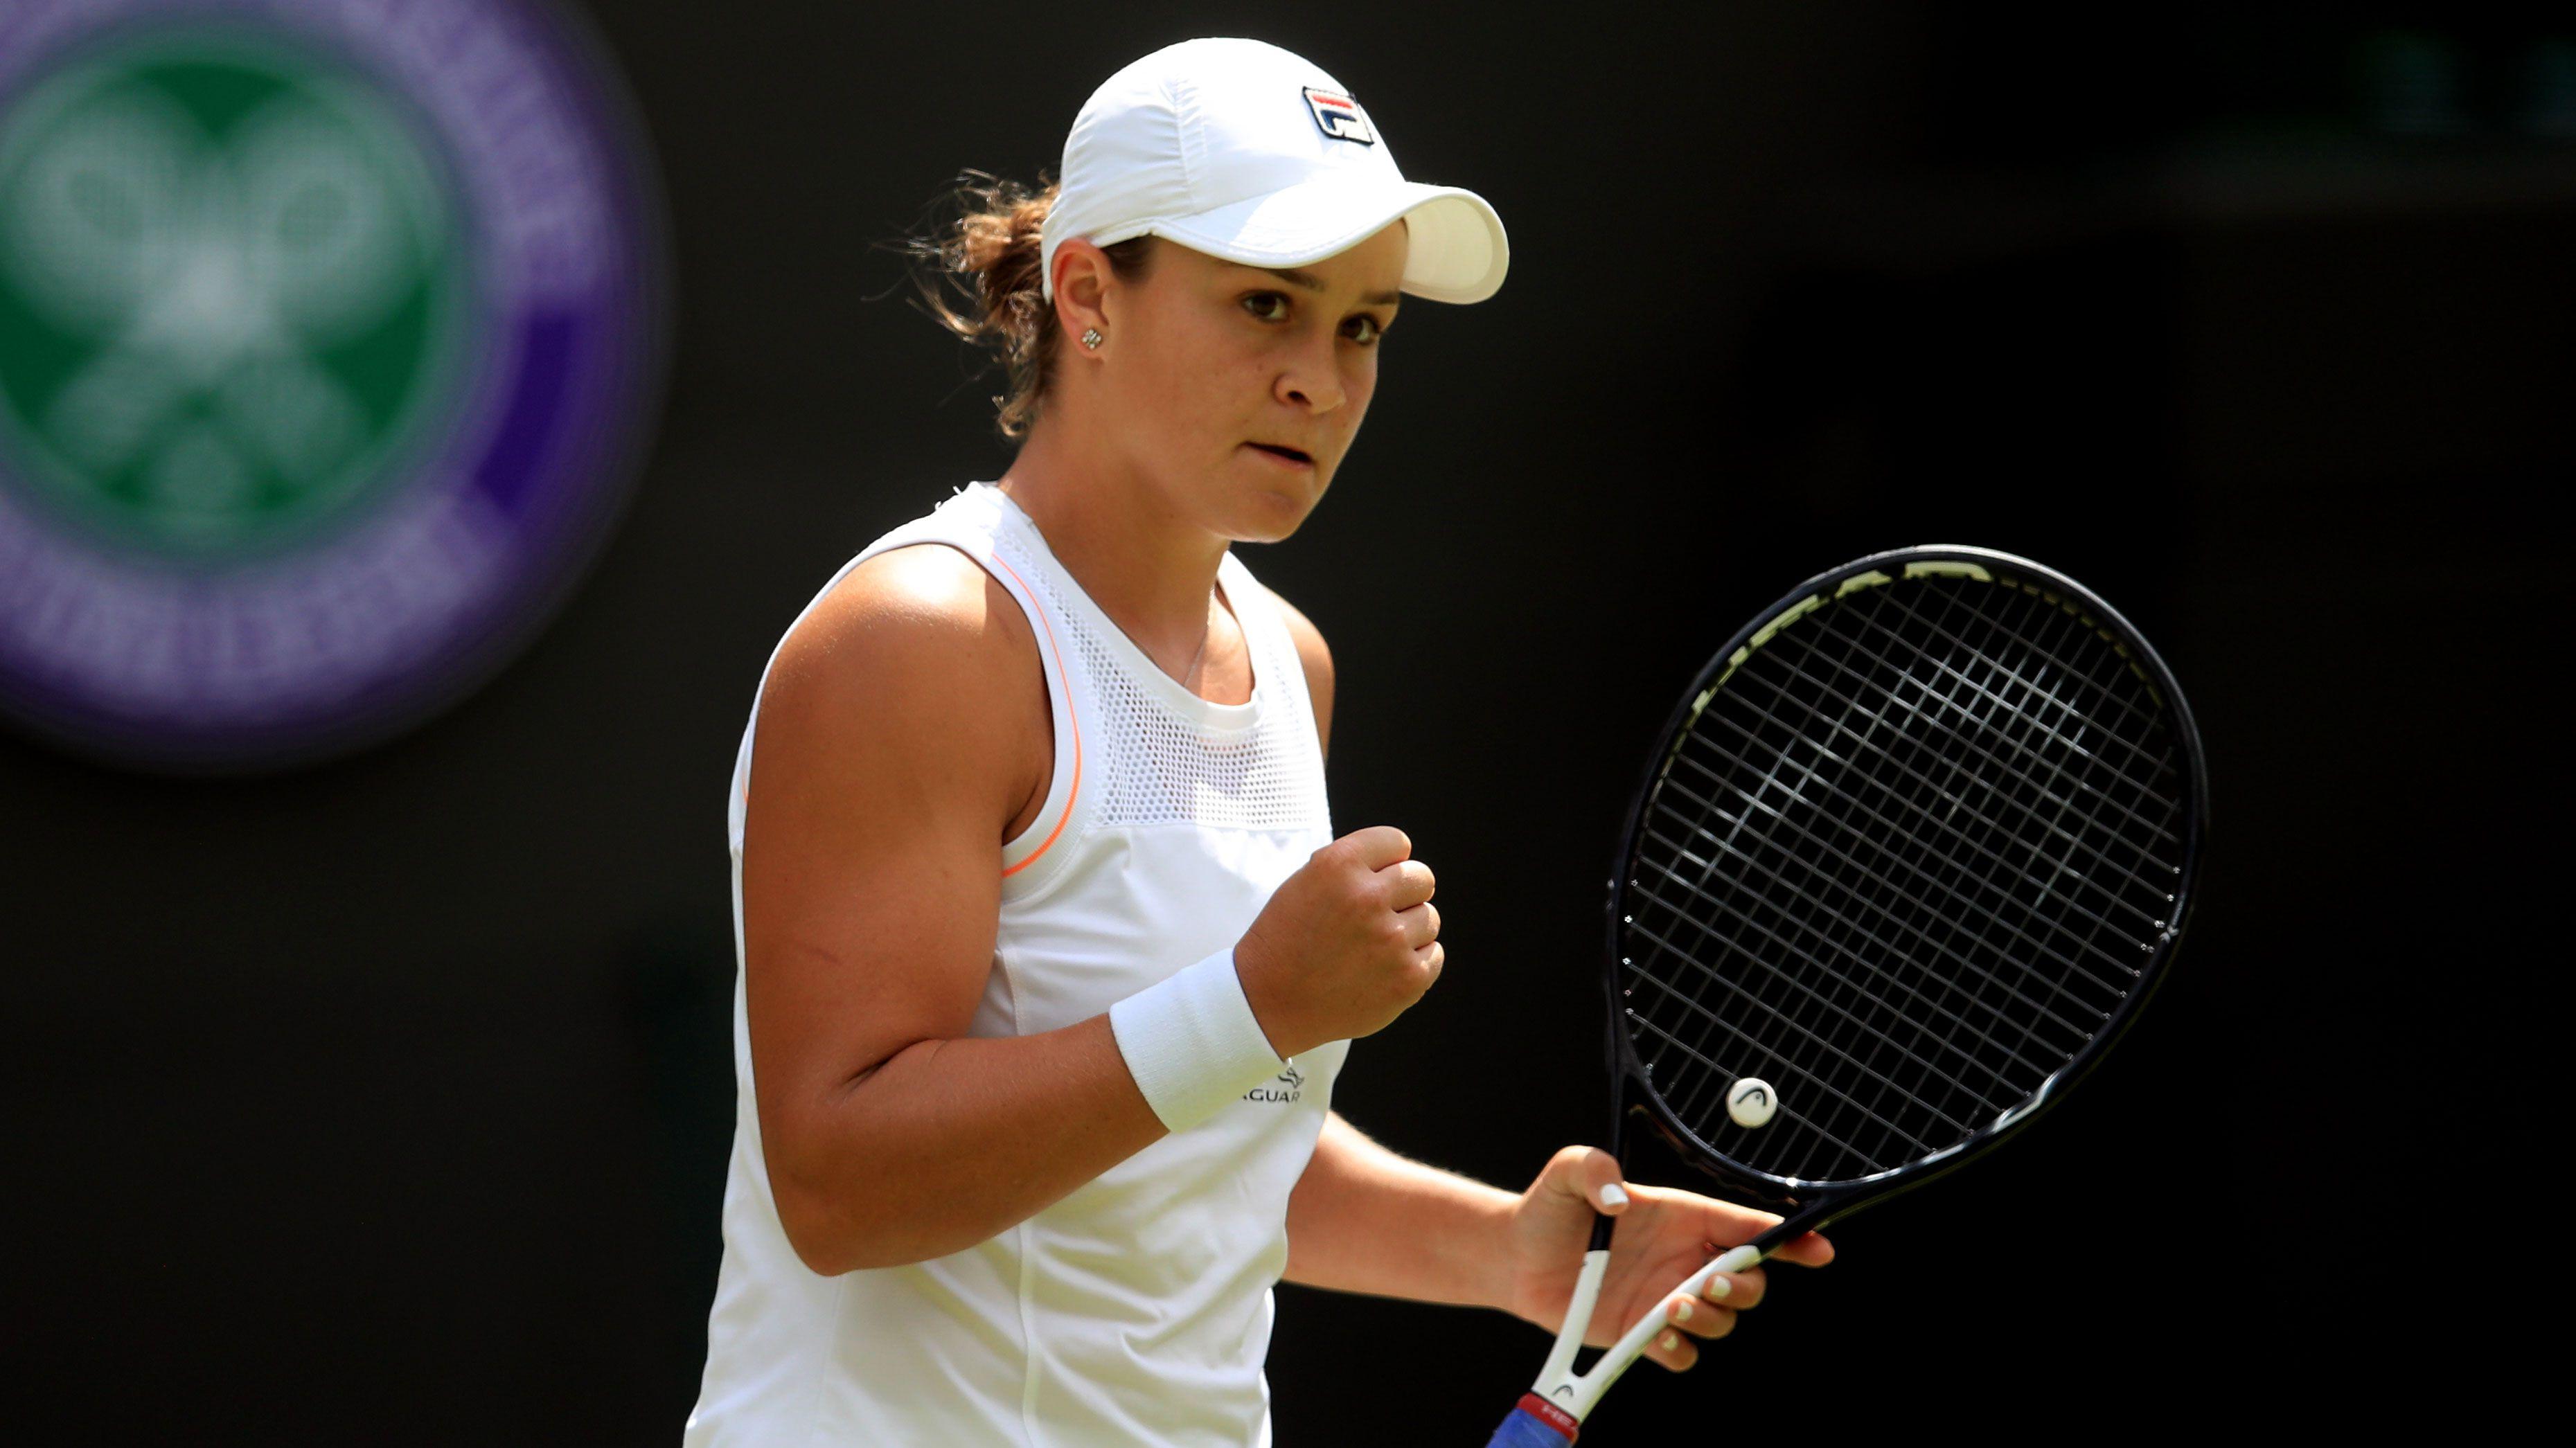 Channel Seven explains Wimbledon snub of World No.1 Aussie Ash Barty